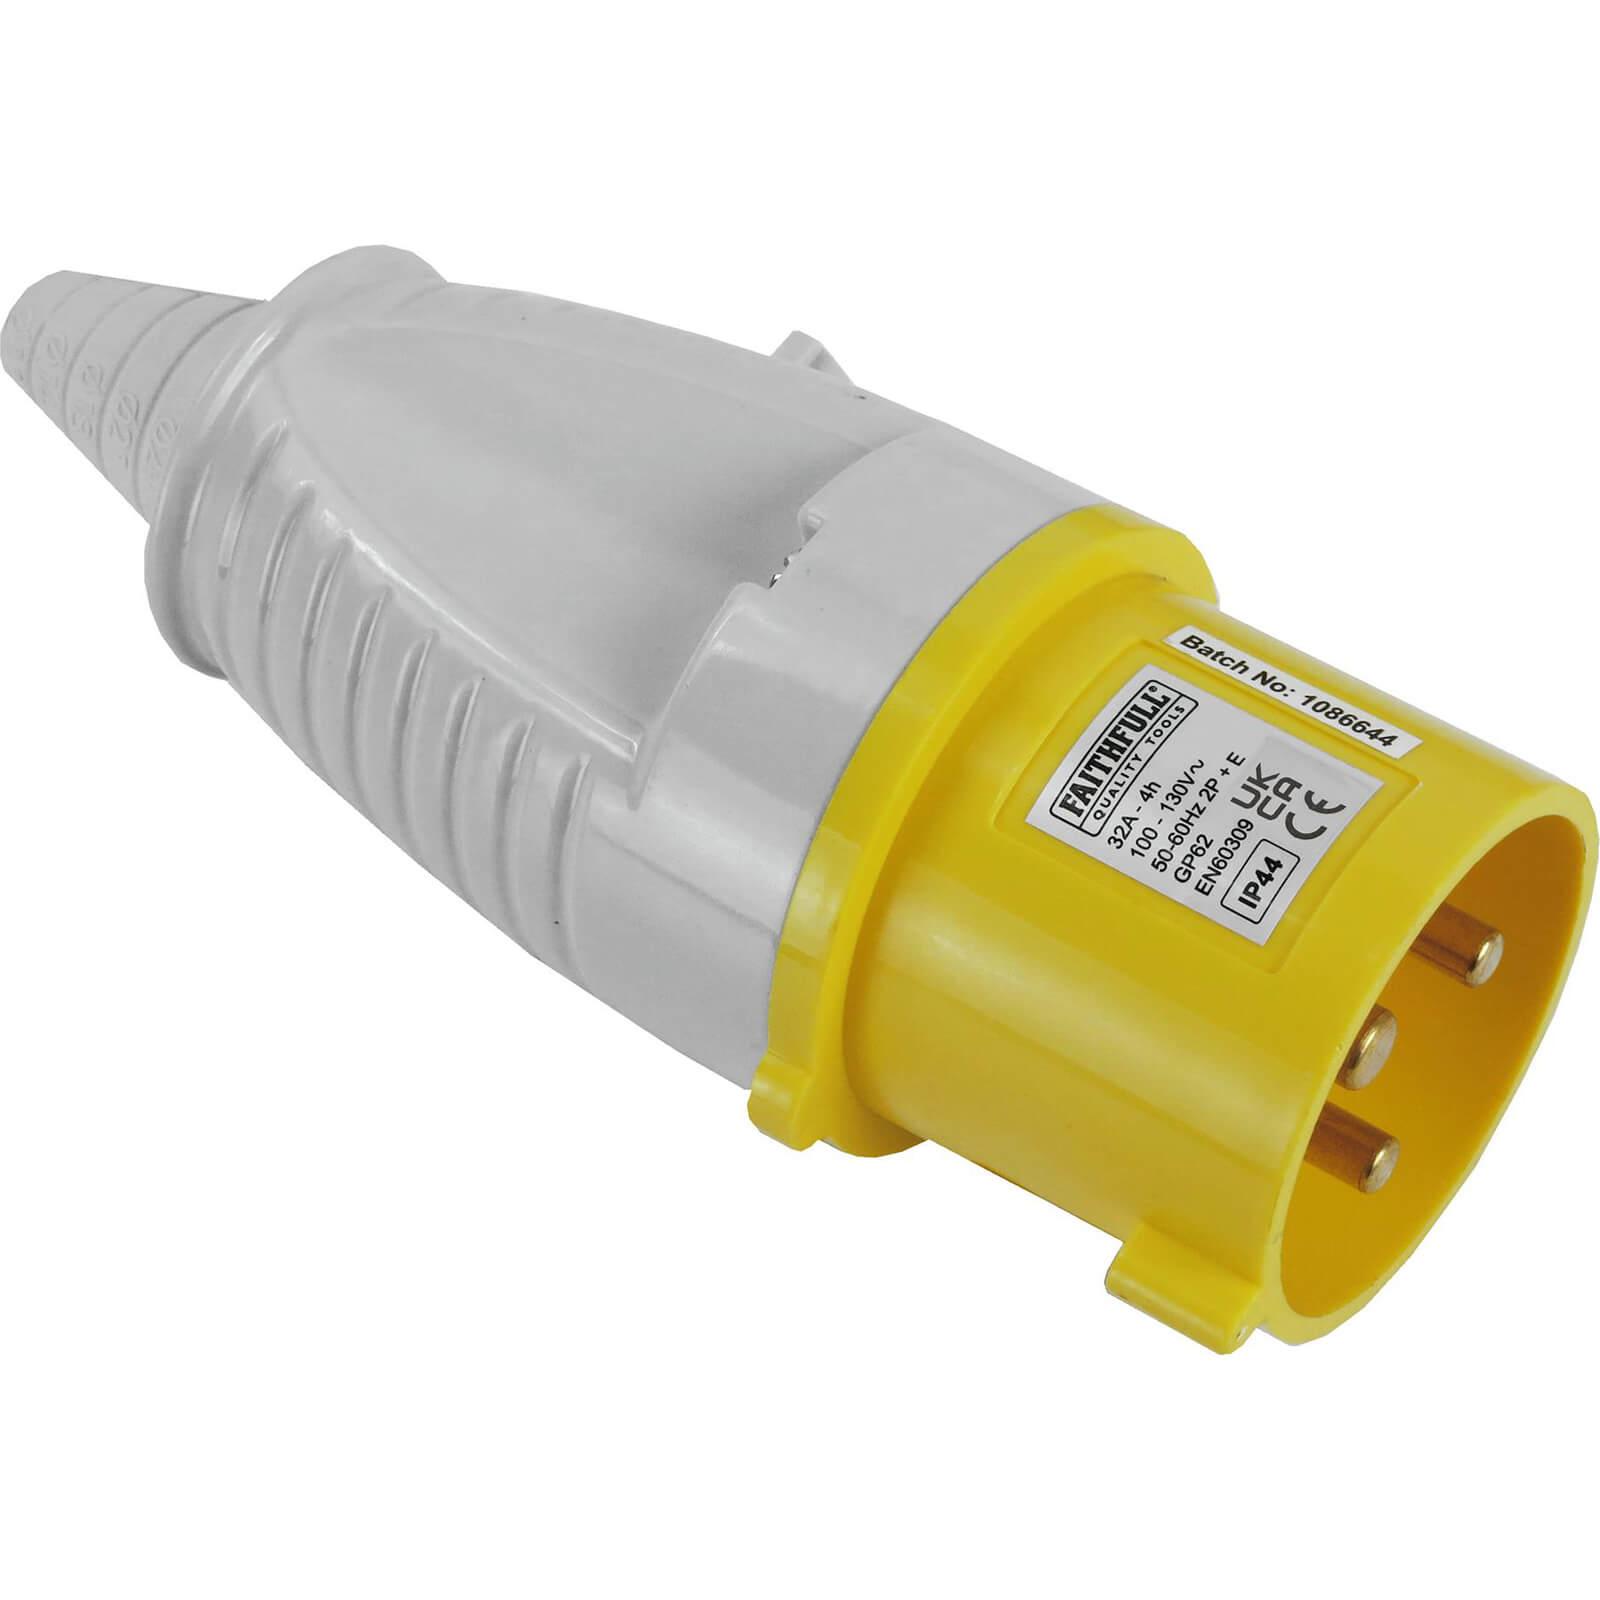 Faithfull Yellow Plug 32amp 110v